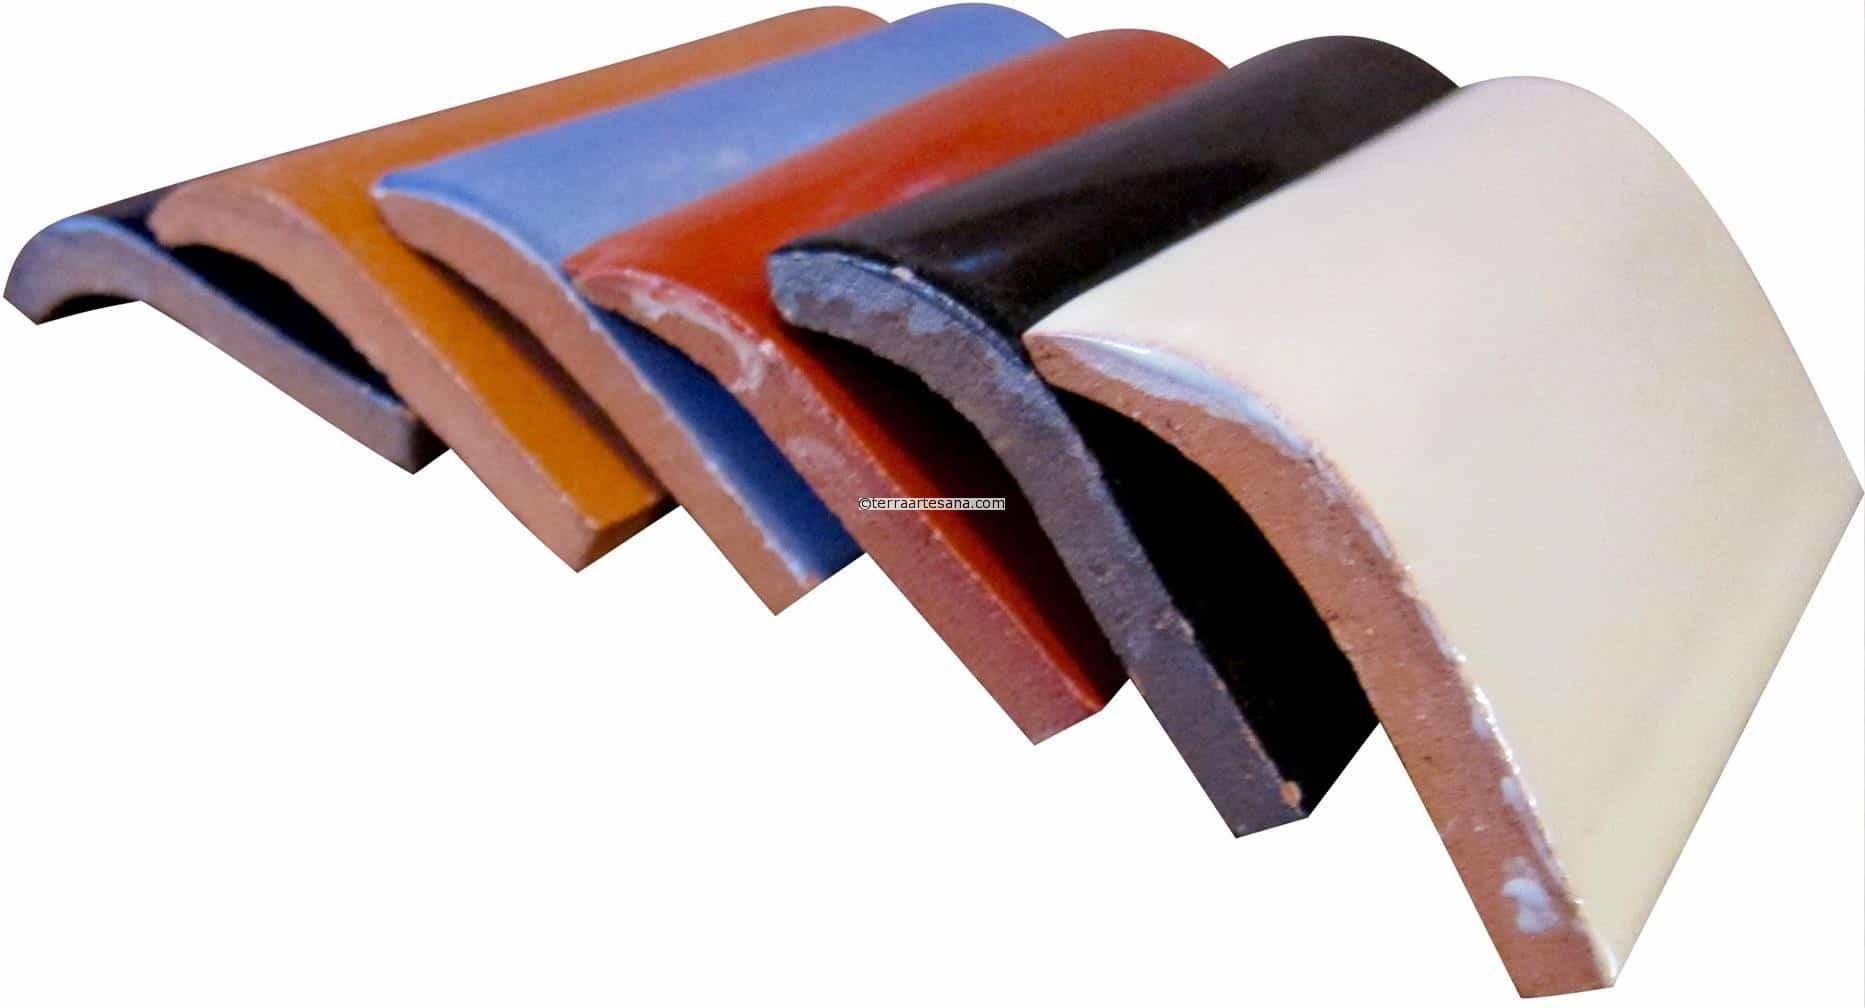 Bullnose ceramic tile edging techieblogiefo bullnose ceramic tile edging choice image flooring design ideas dailygadgetfo Gallery